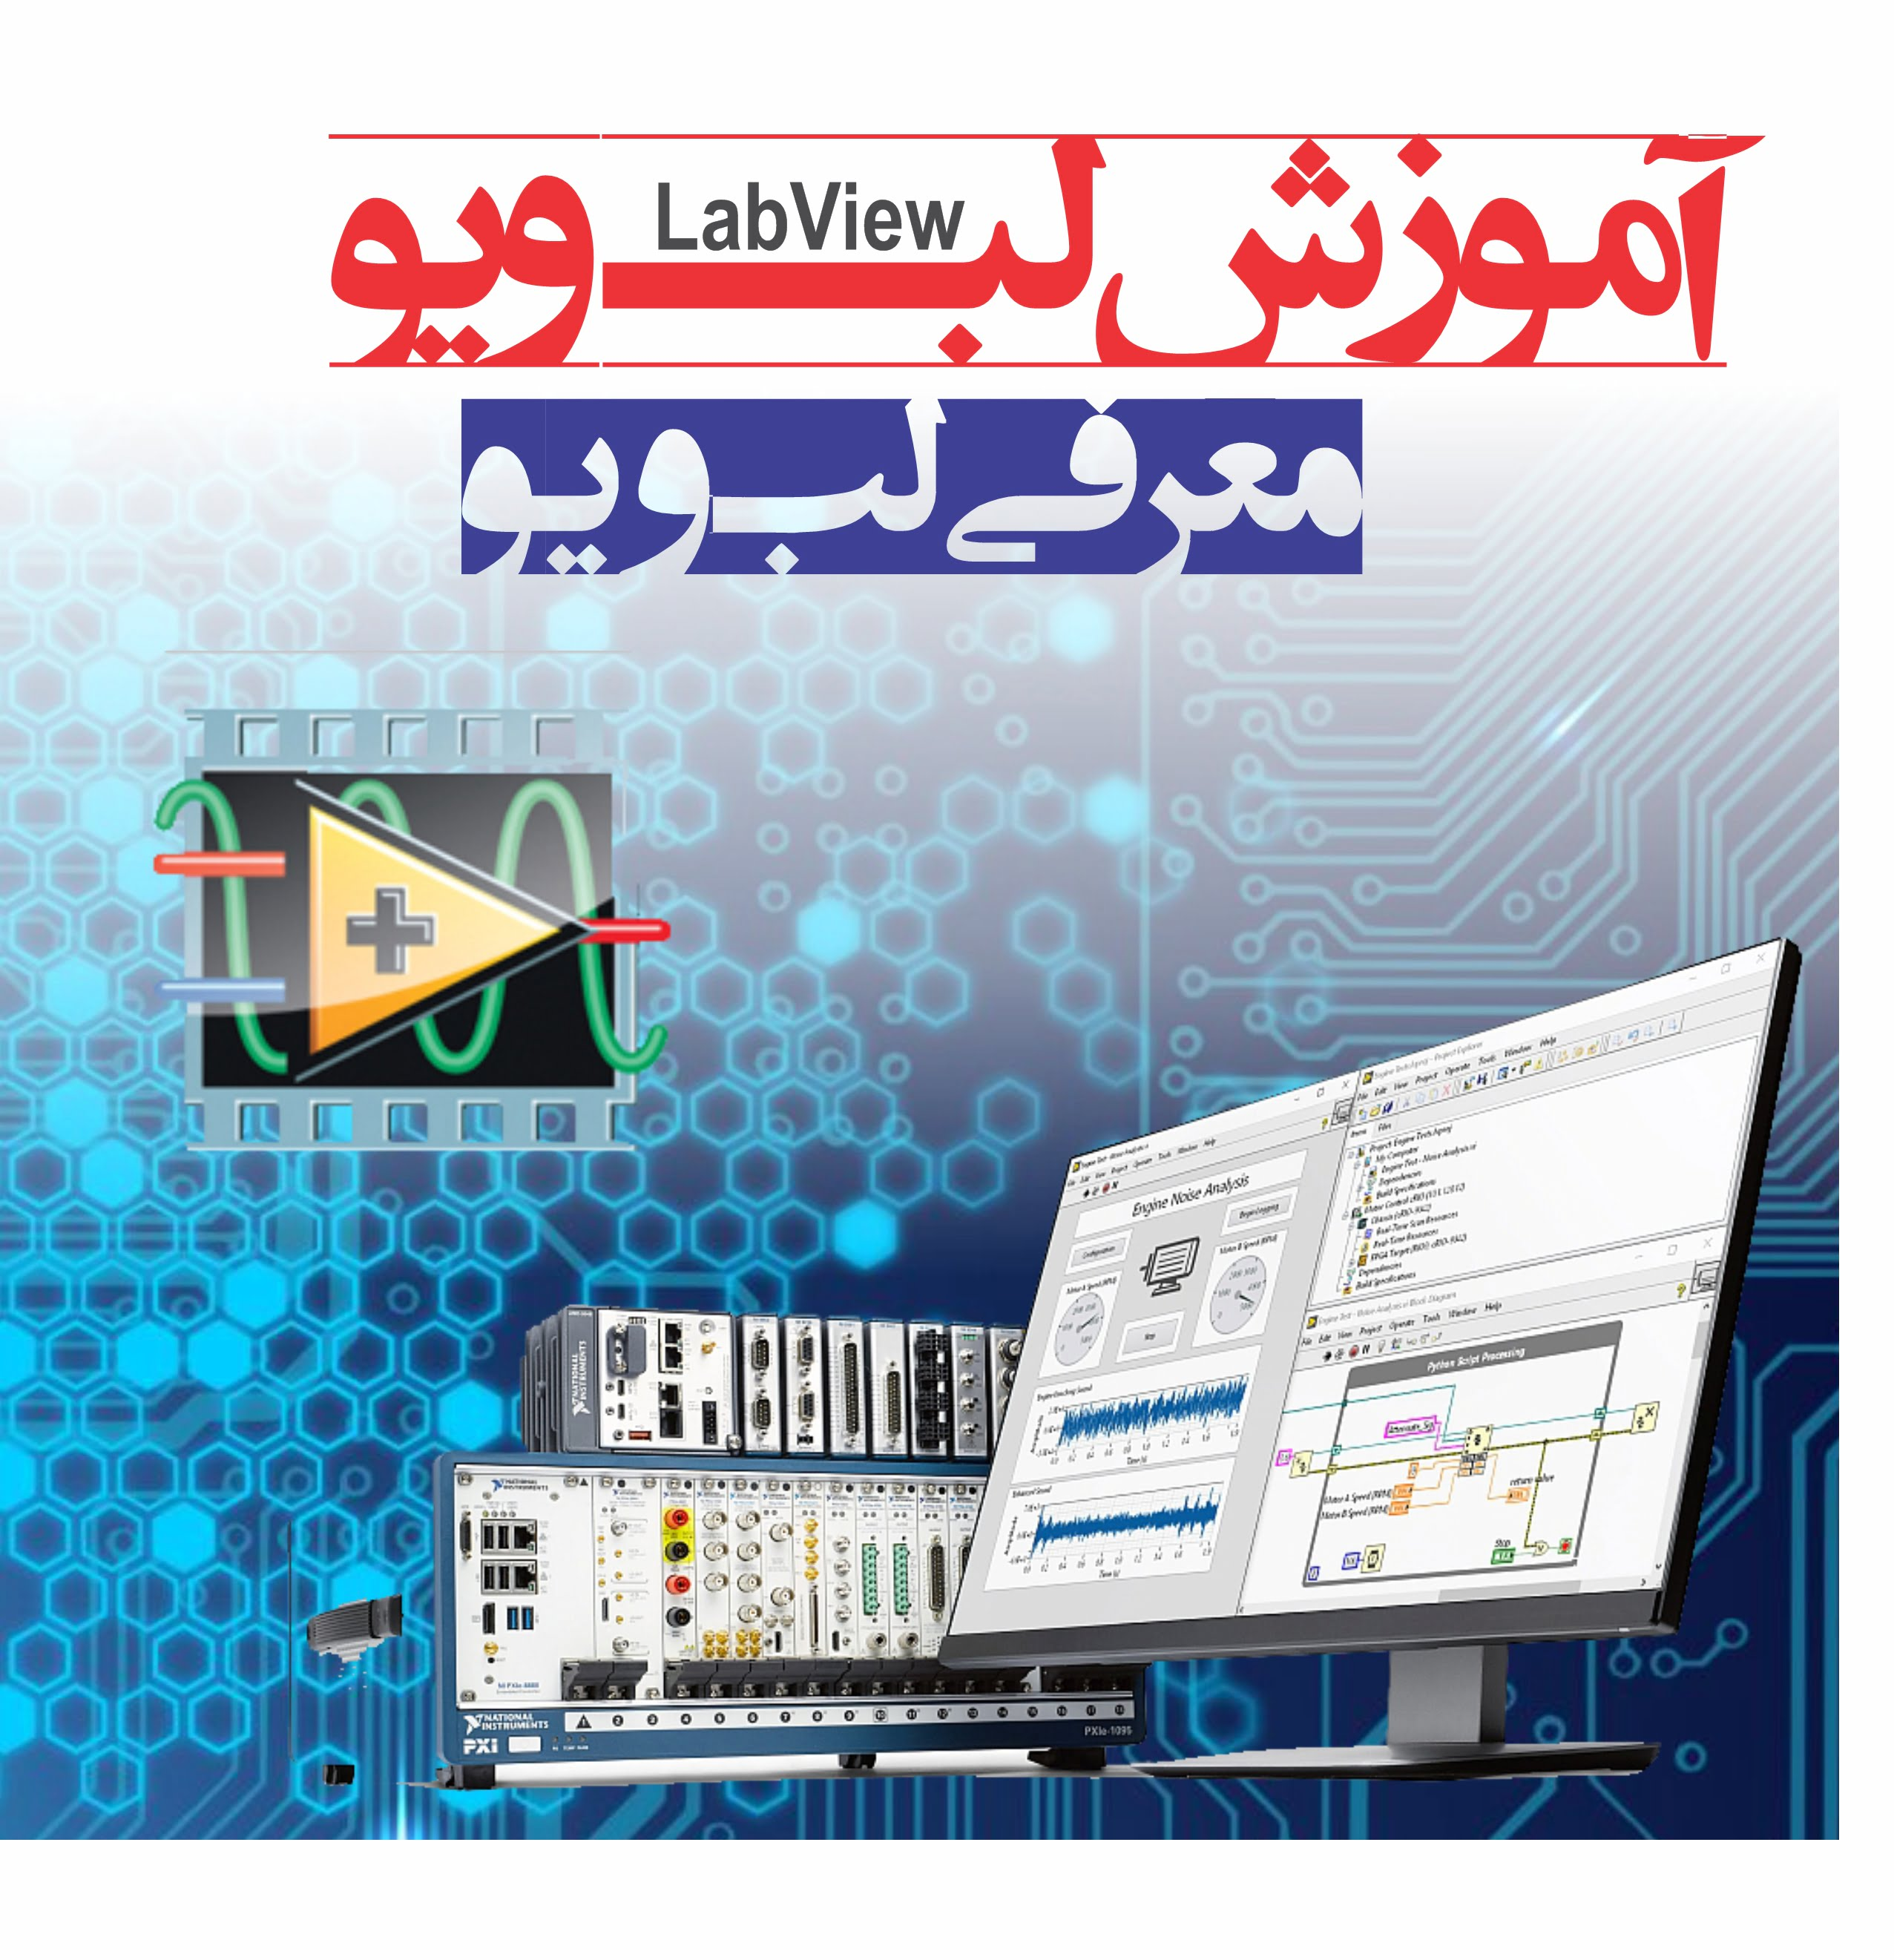 آموزش لب ویو (LabView) / معرفی لب ویو (LabView)